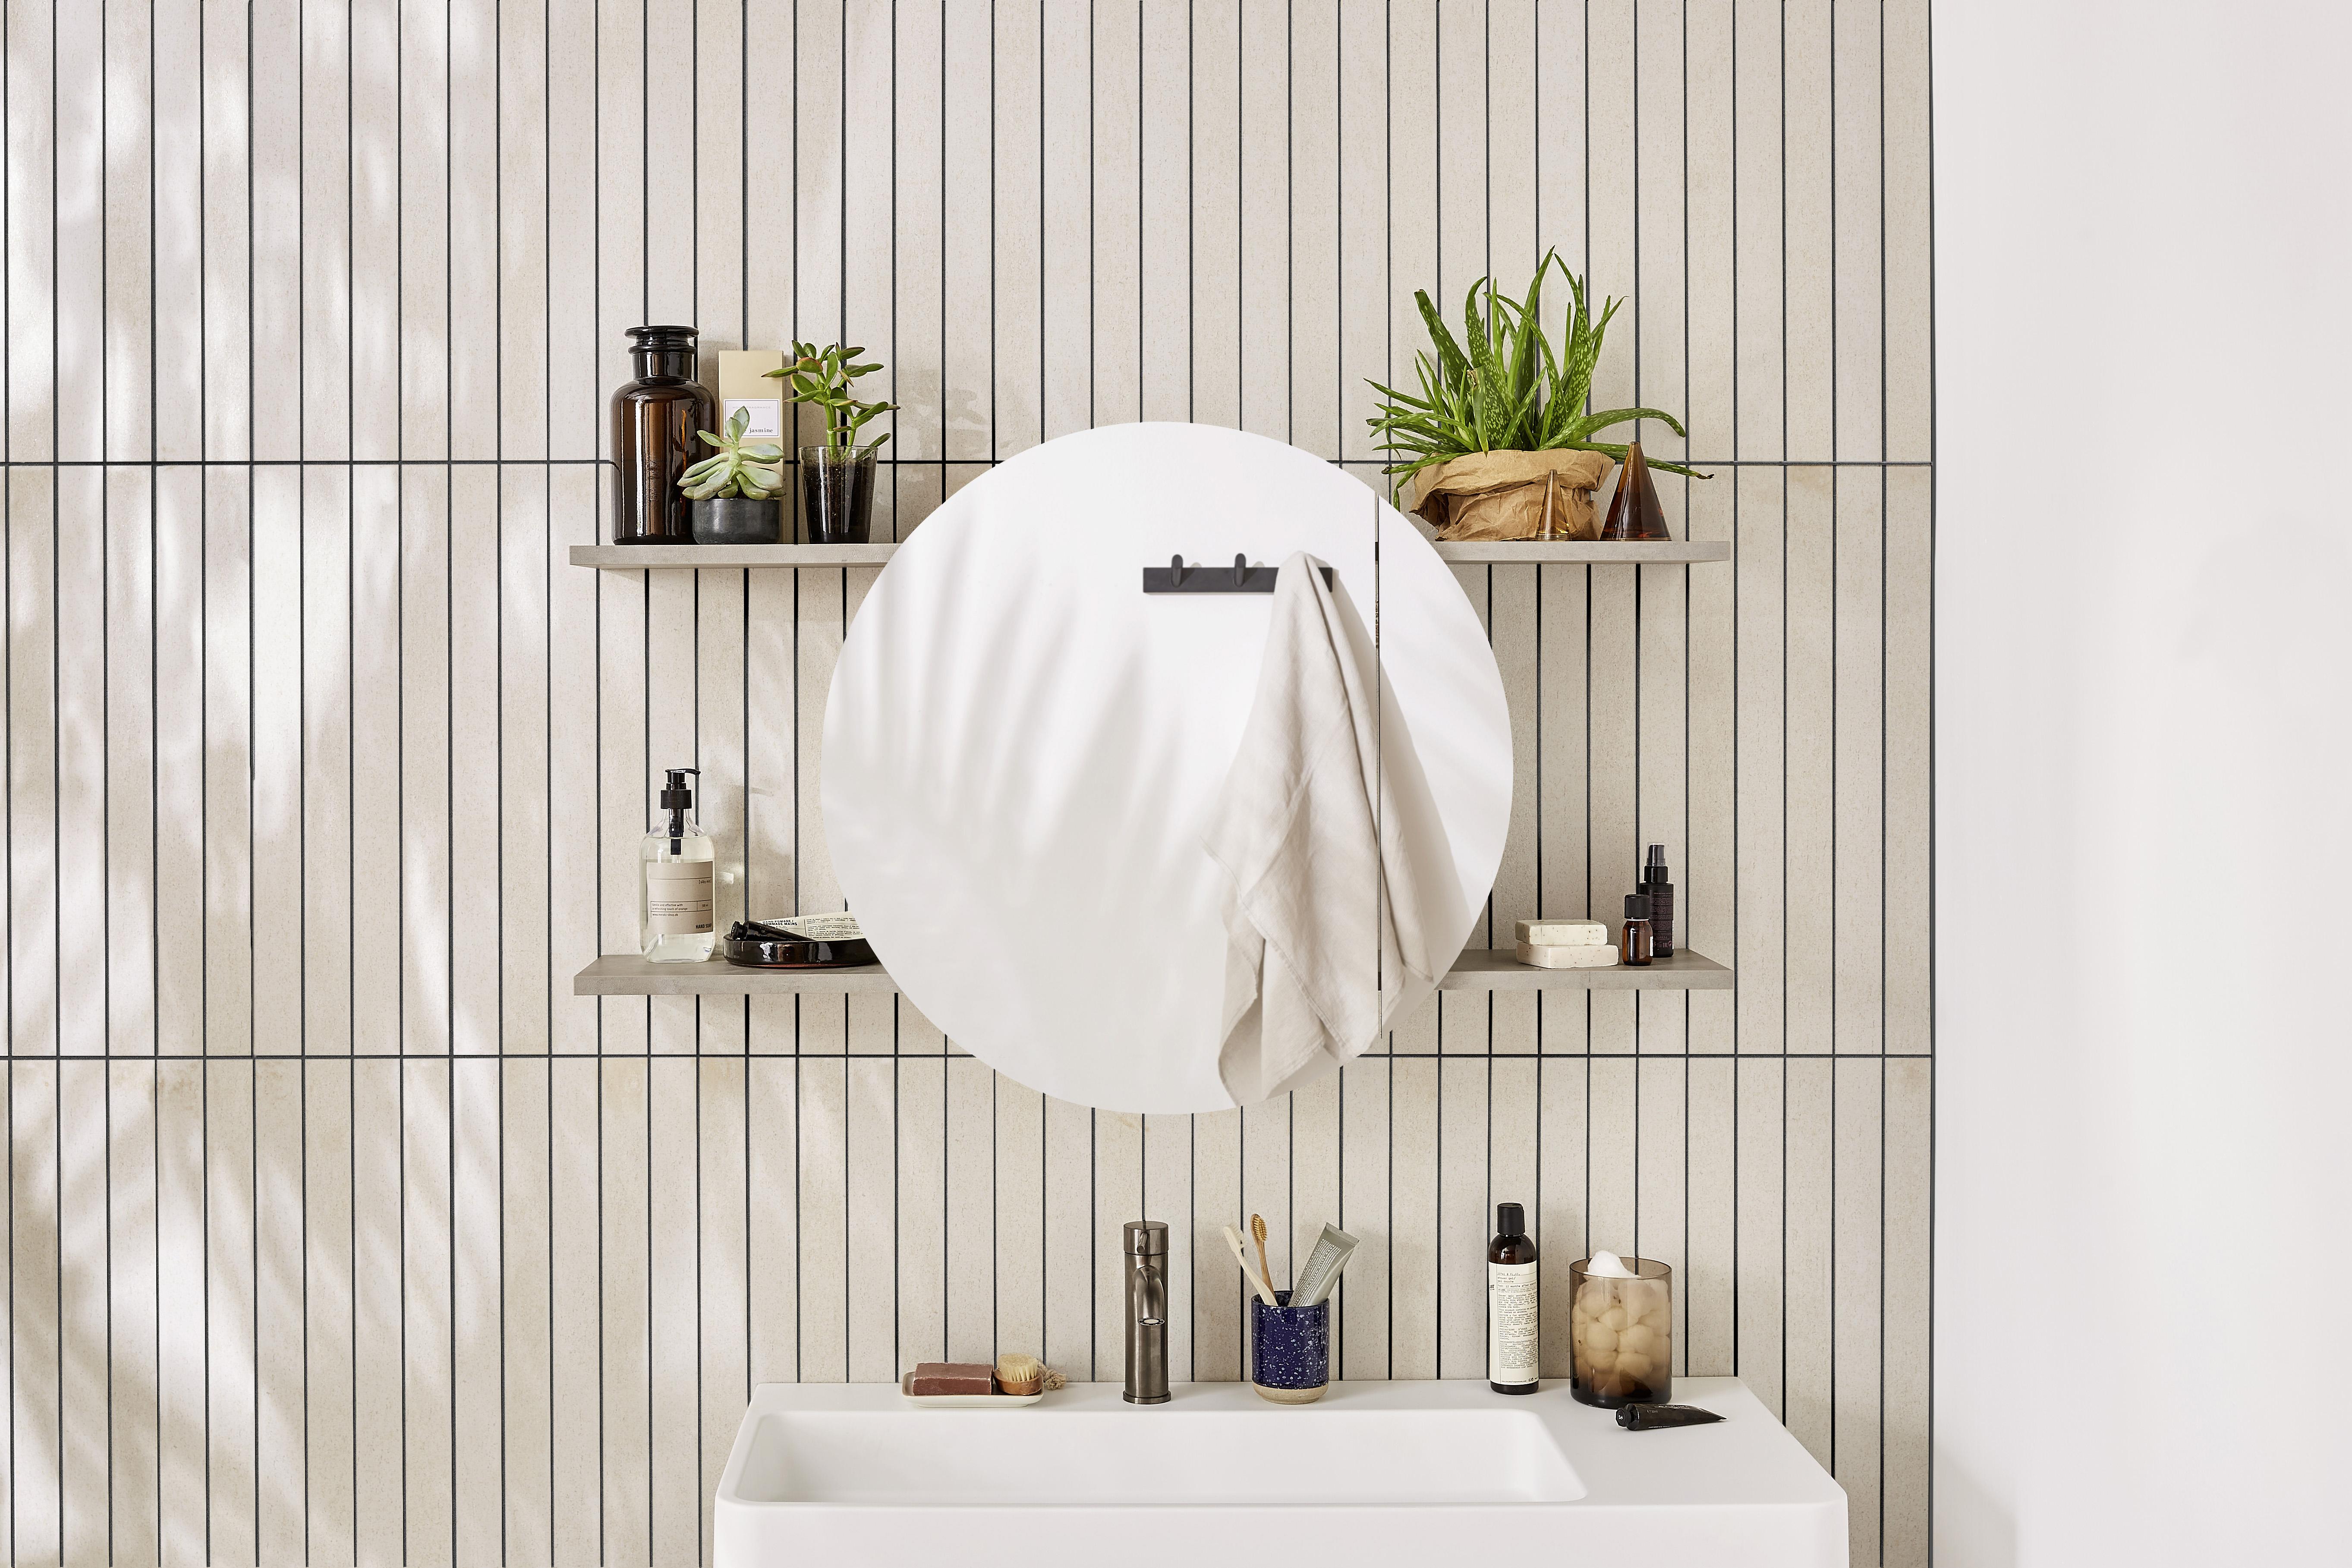 Salles de bains 17 : virage design pour deux nouveaux